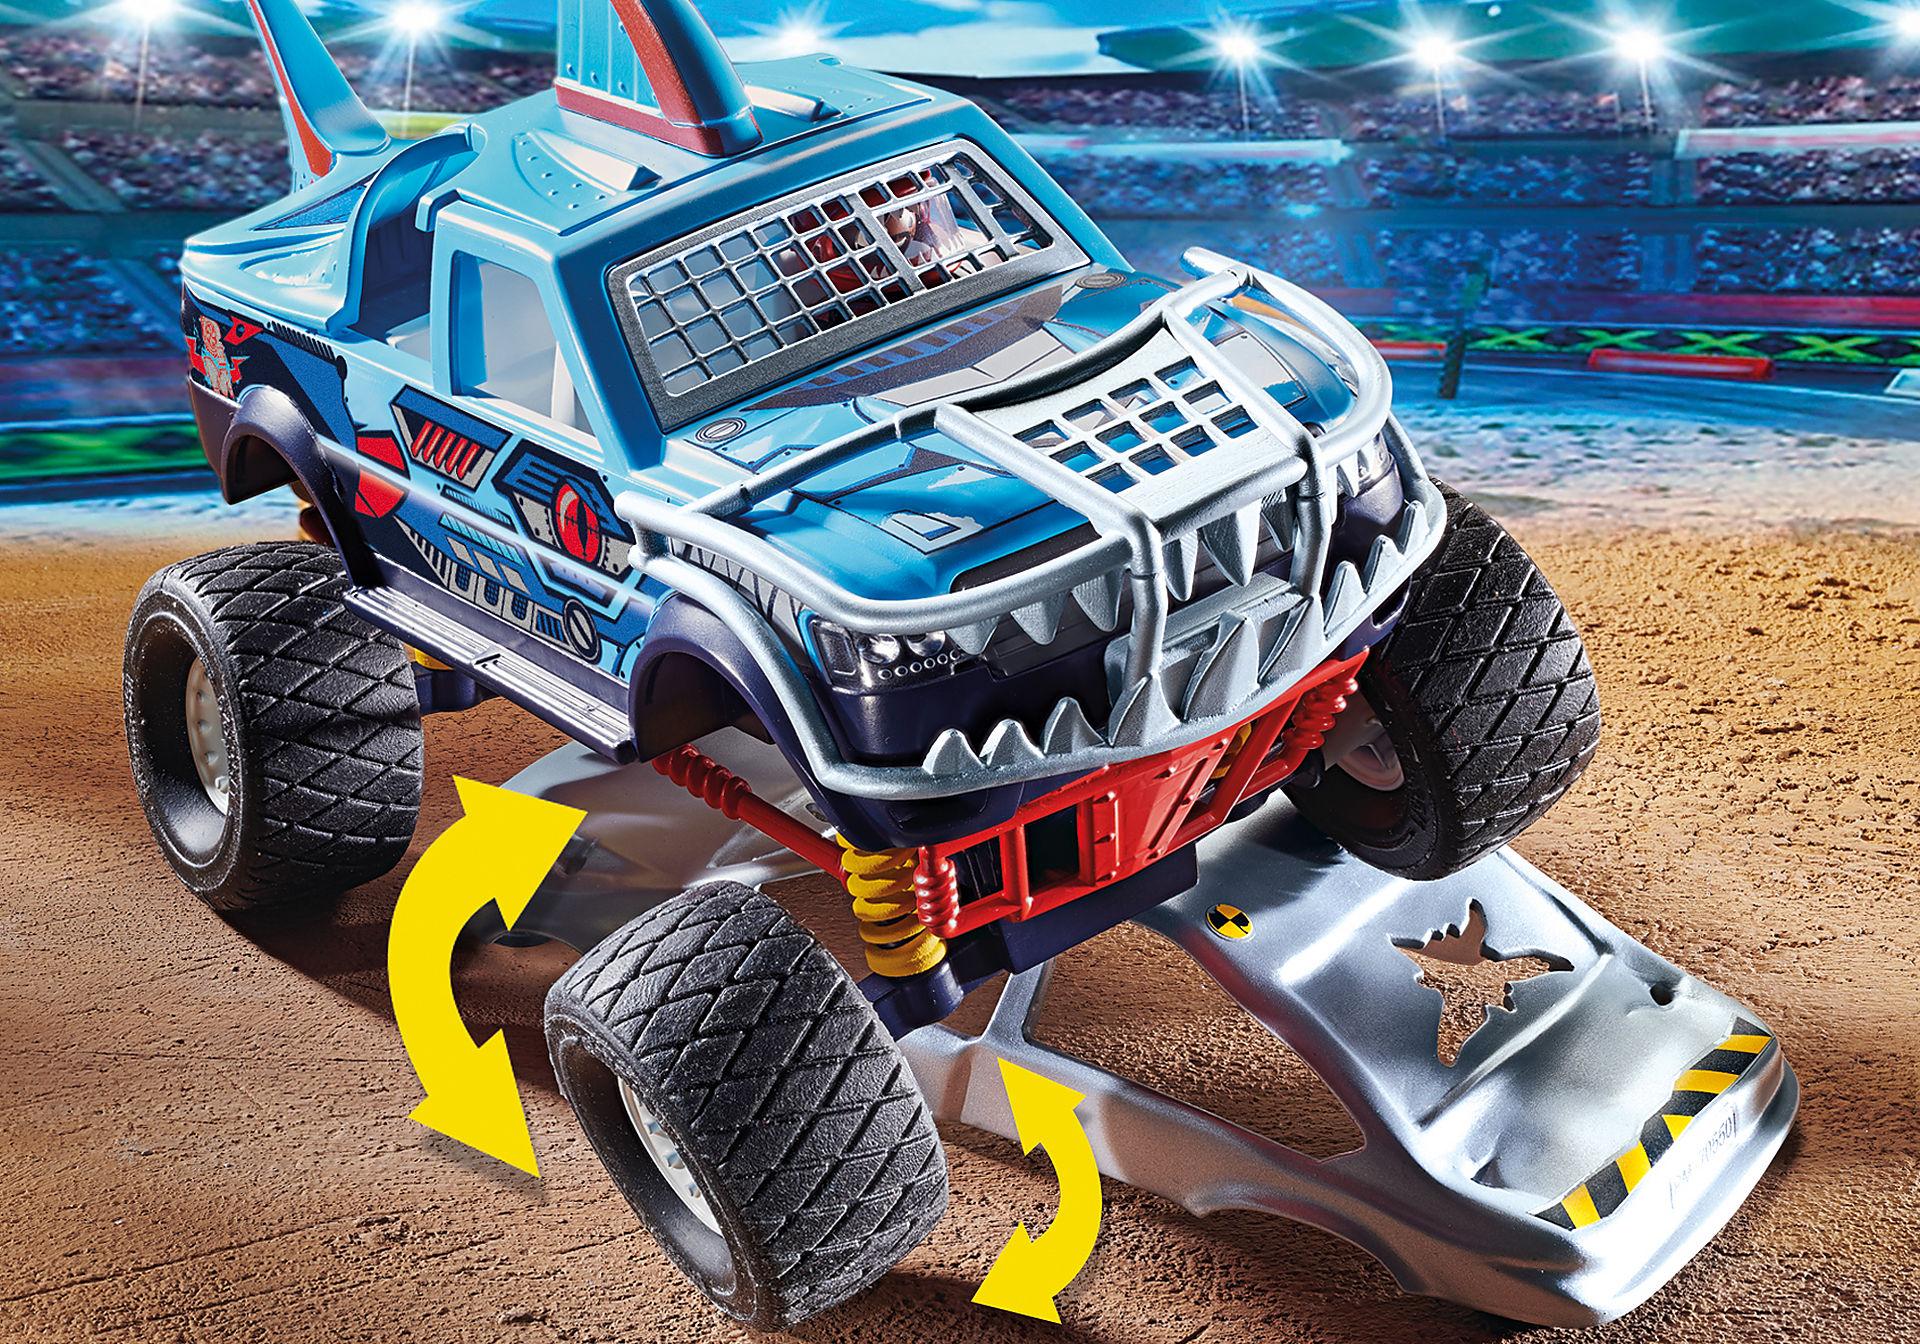 70550 Stuntshow Monster Truck Shark zoom image4